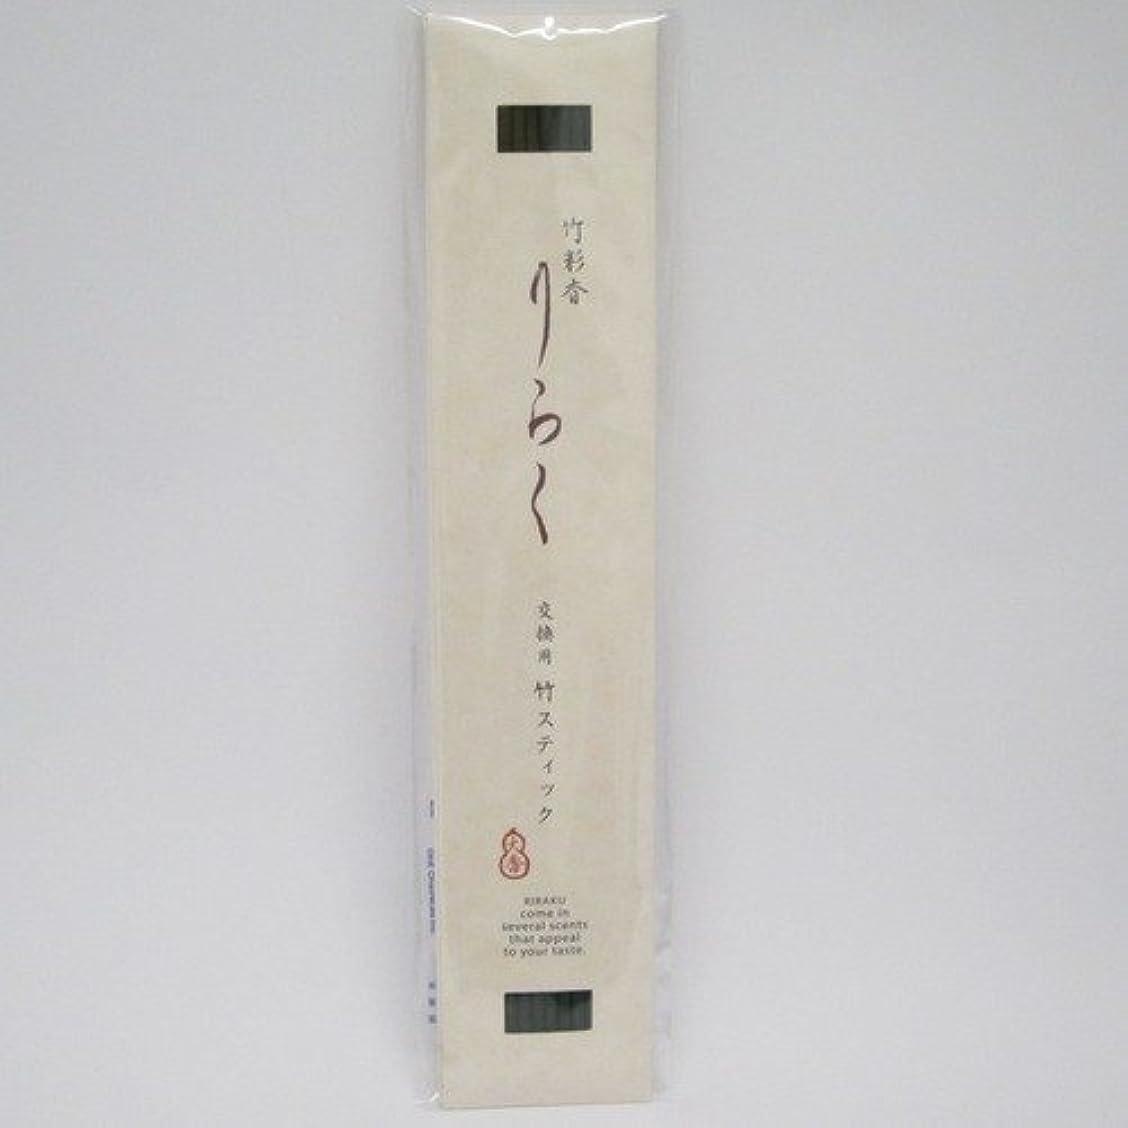 編集する滑る定期的りらく 竹彩香りらく竹スティック ひのきの色